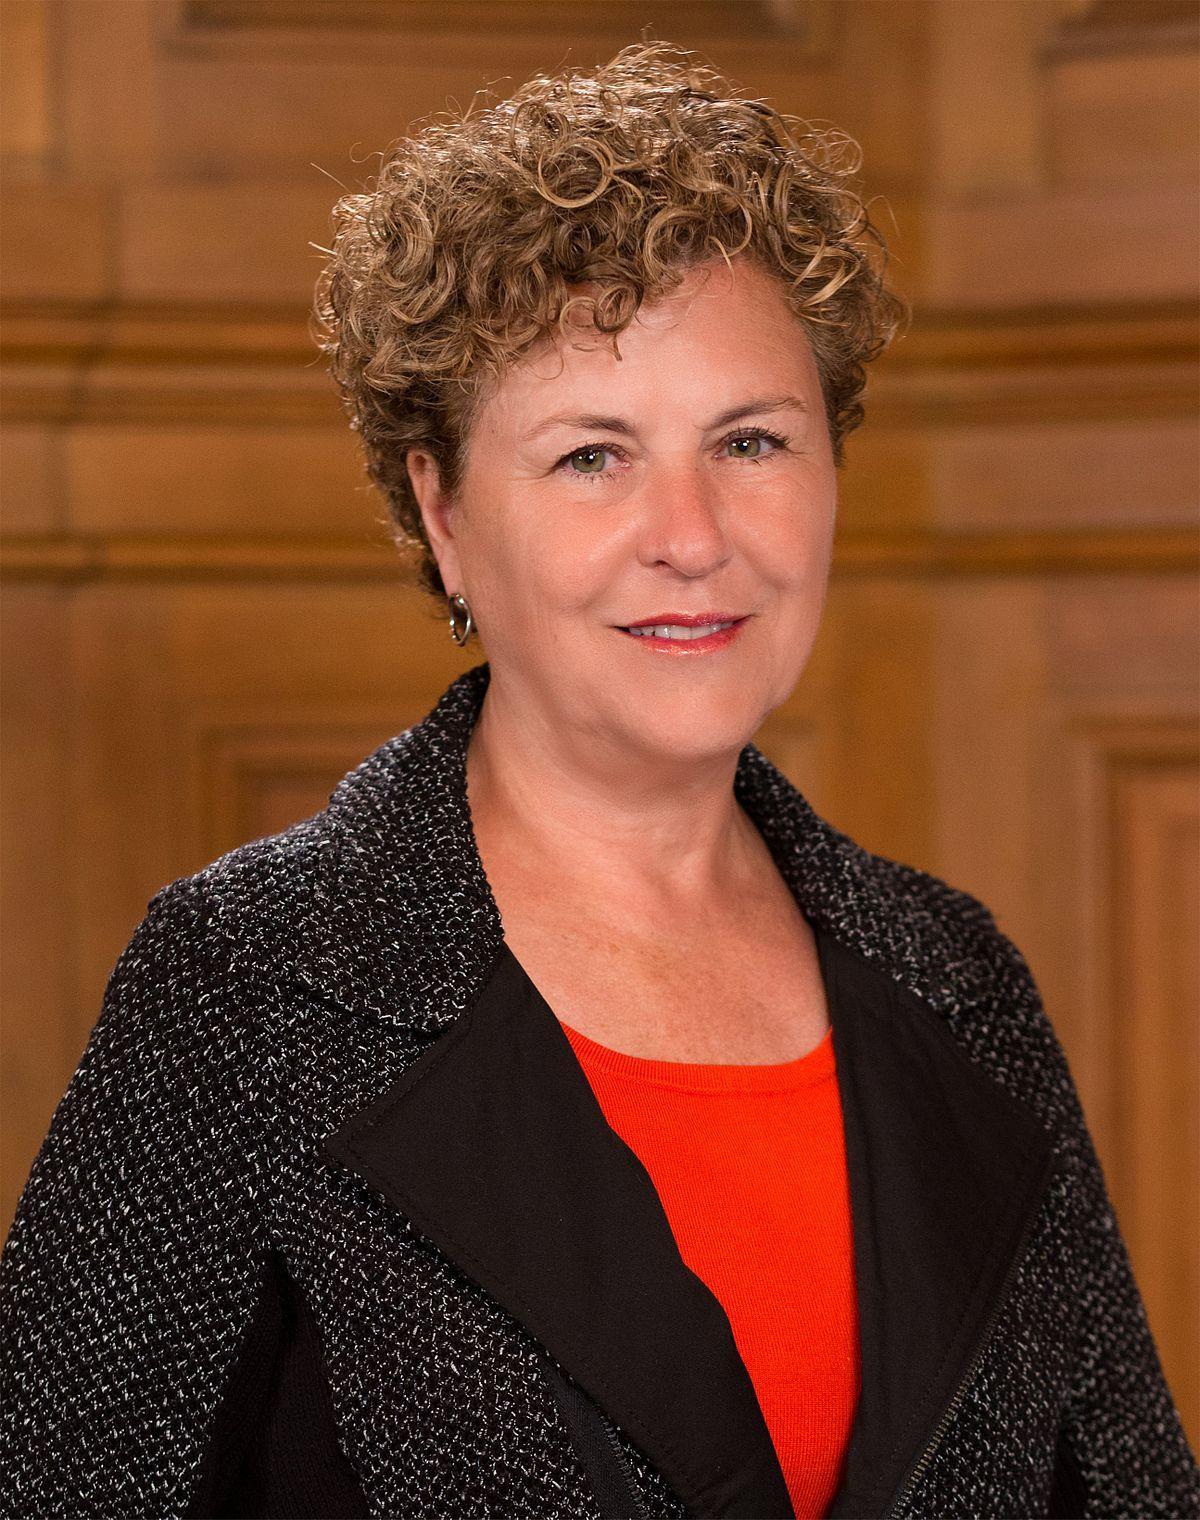 kitchen aide mixer linoleum flooring julie christensen (politician) - wikipedia